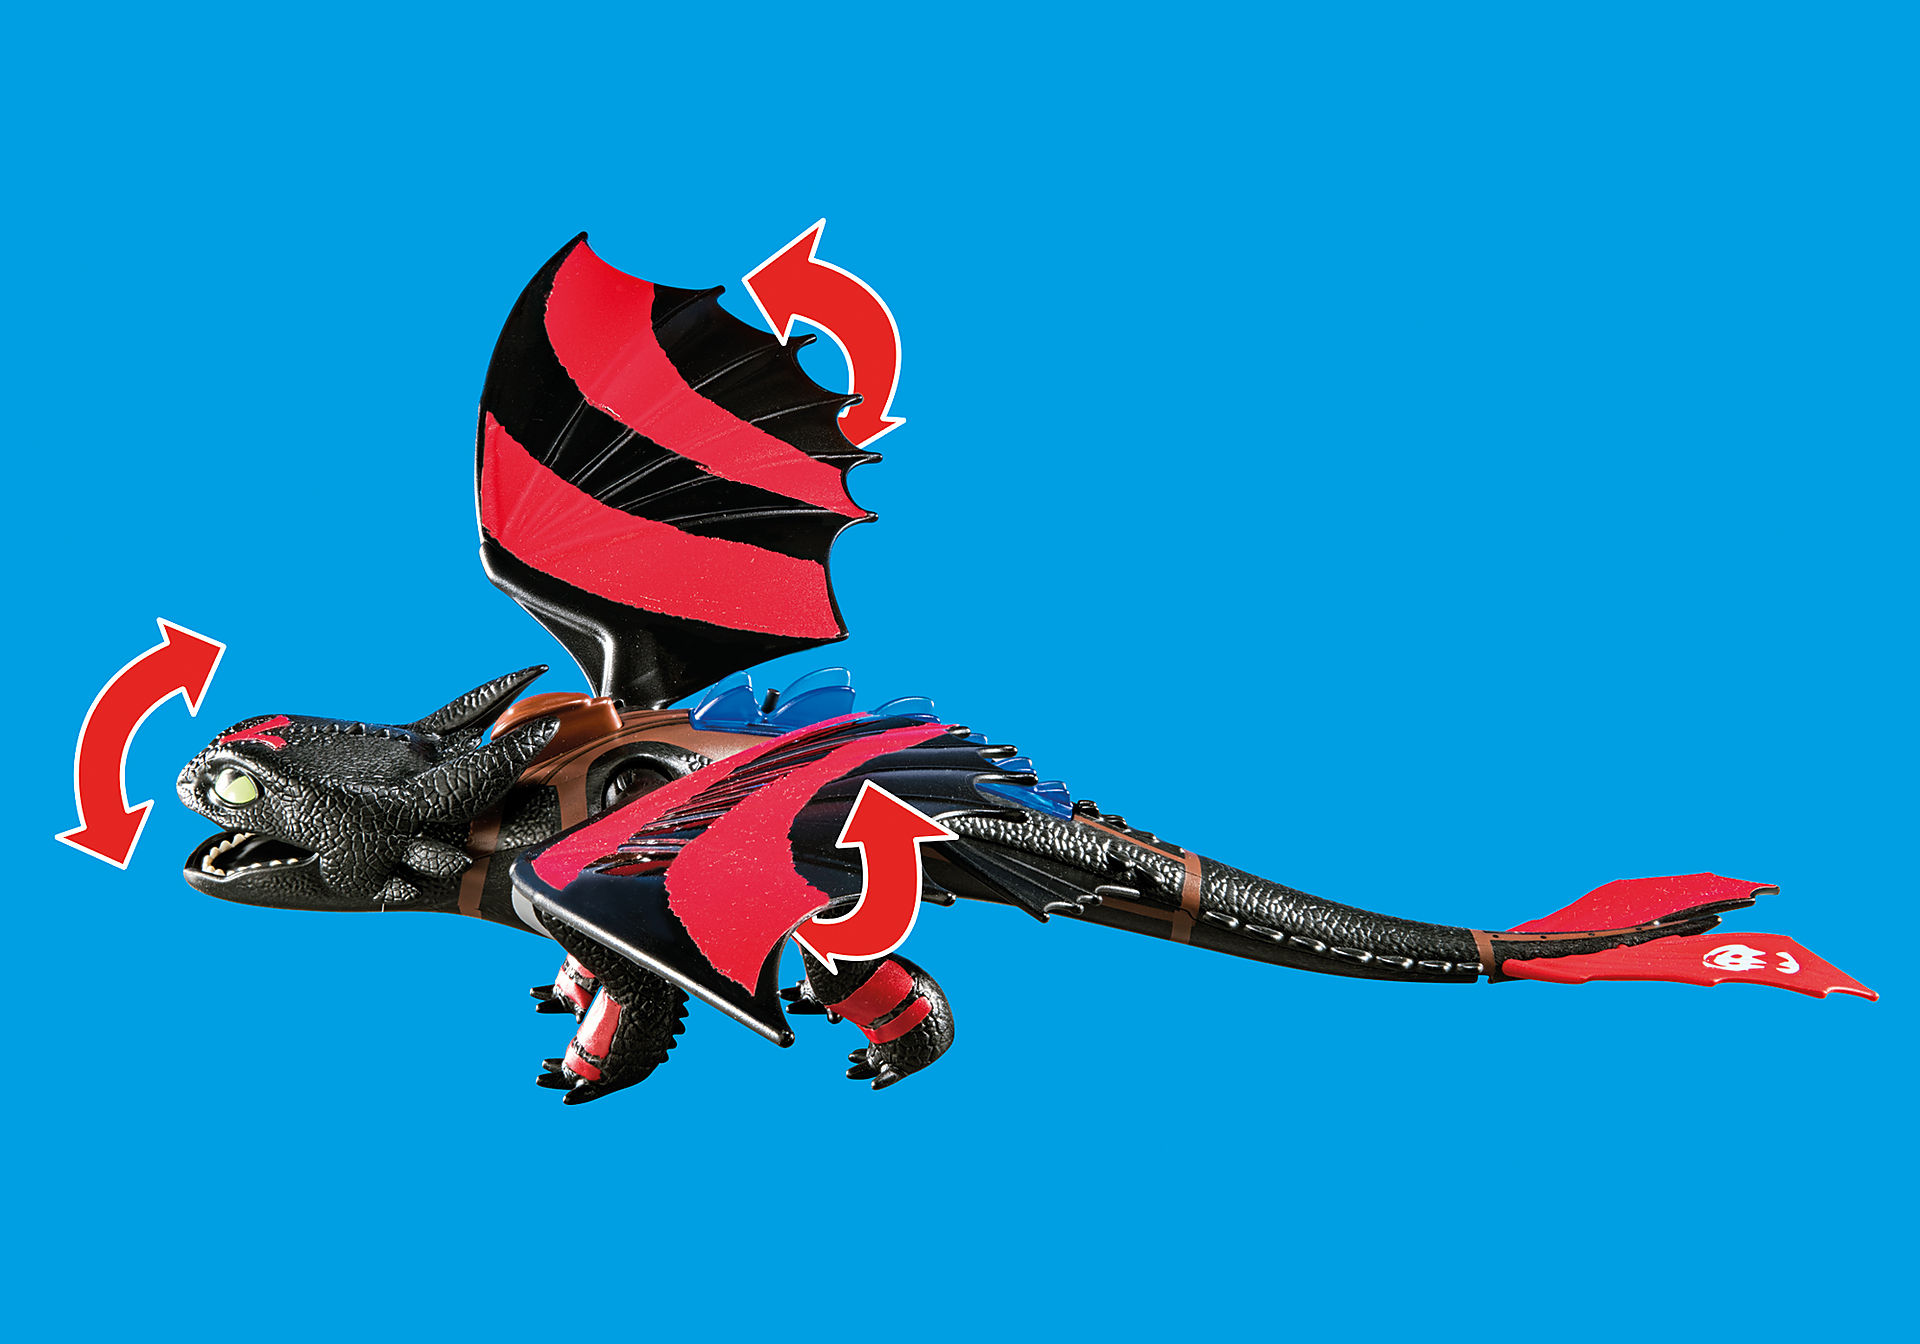 70727 Dragon Racing: Hikotus ja Hampaaton zoom image6